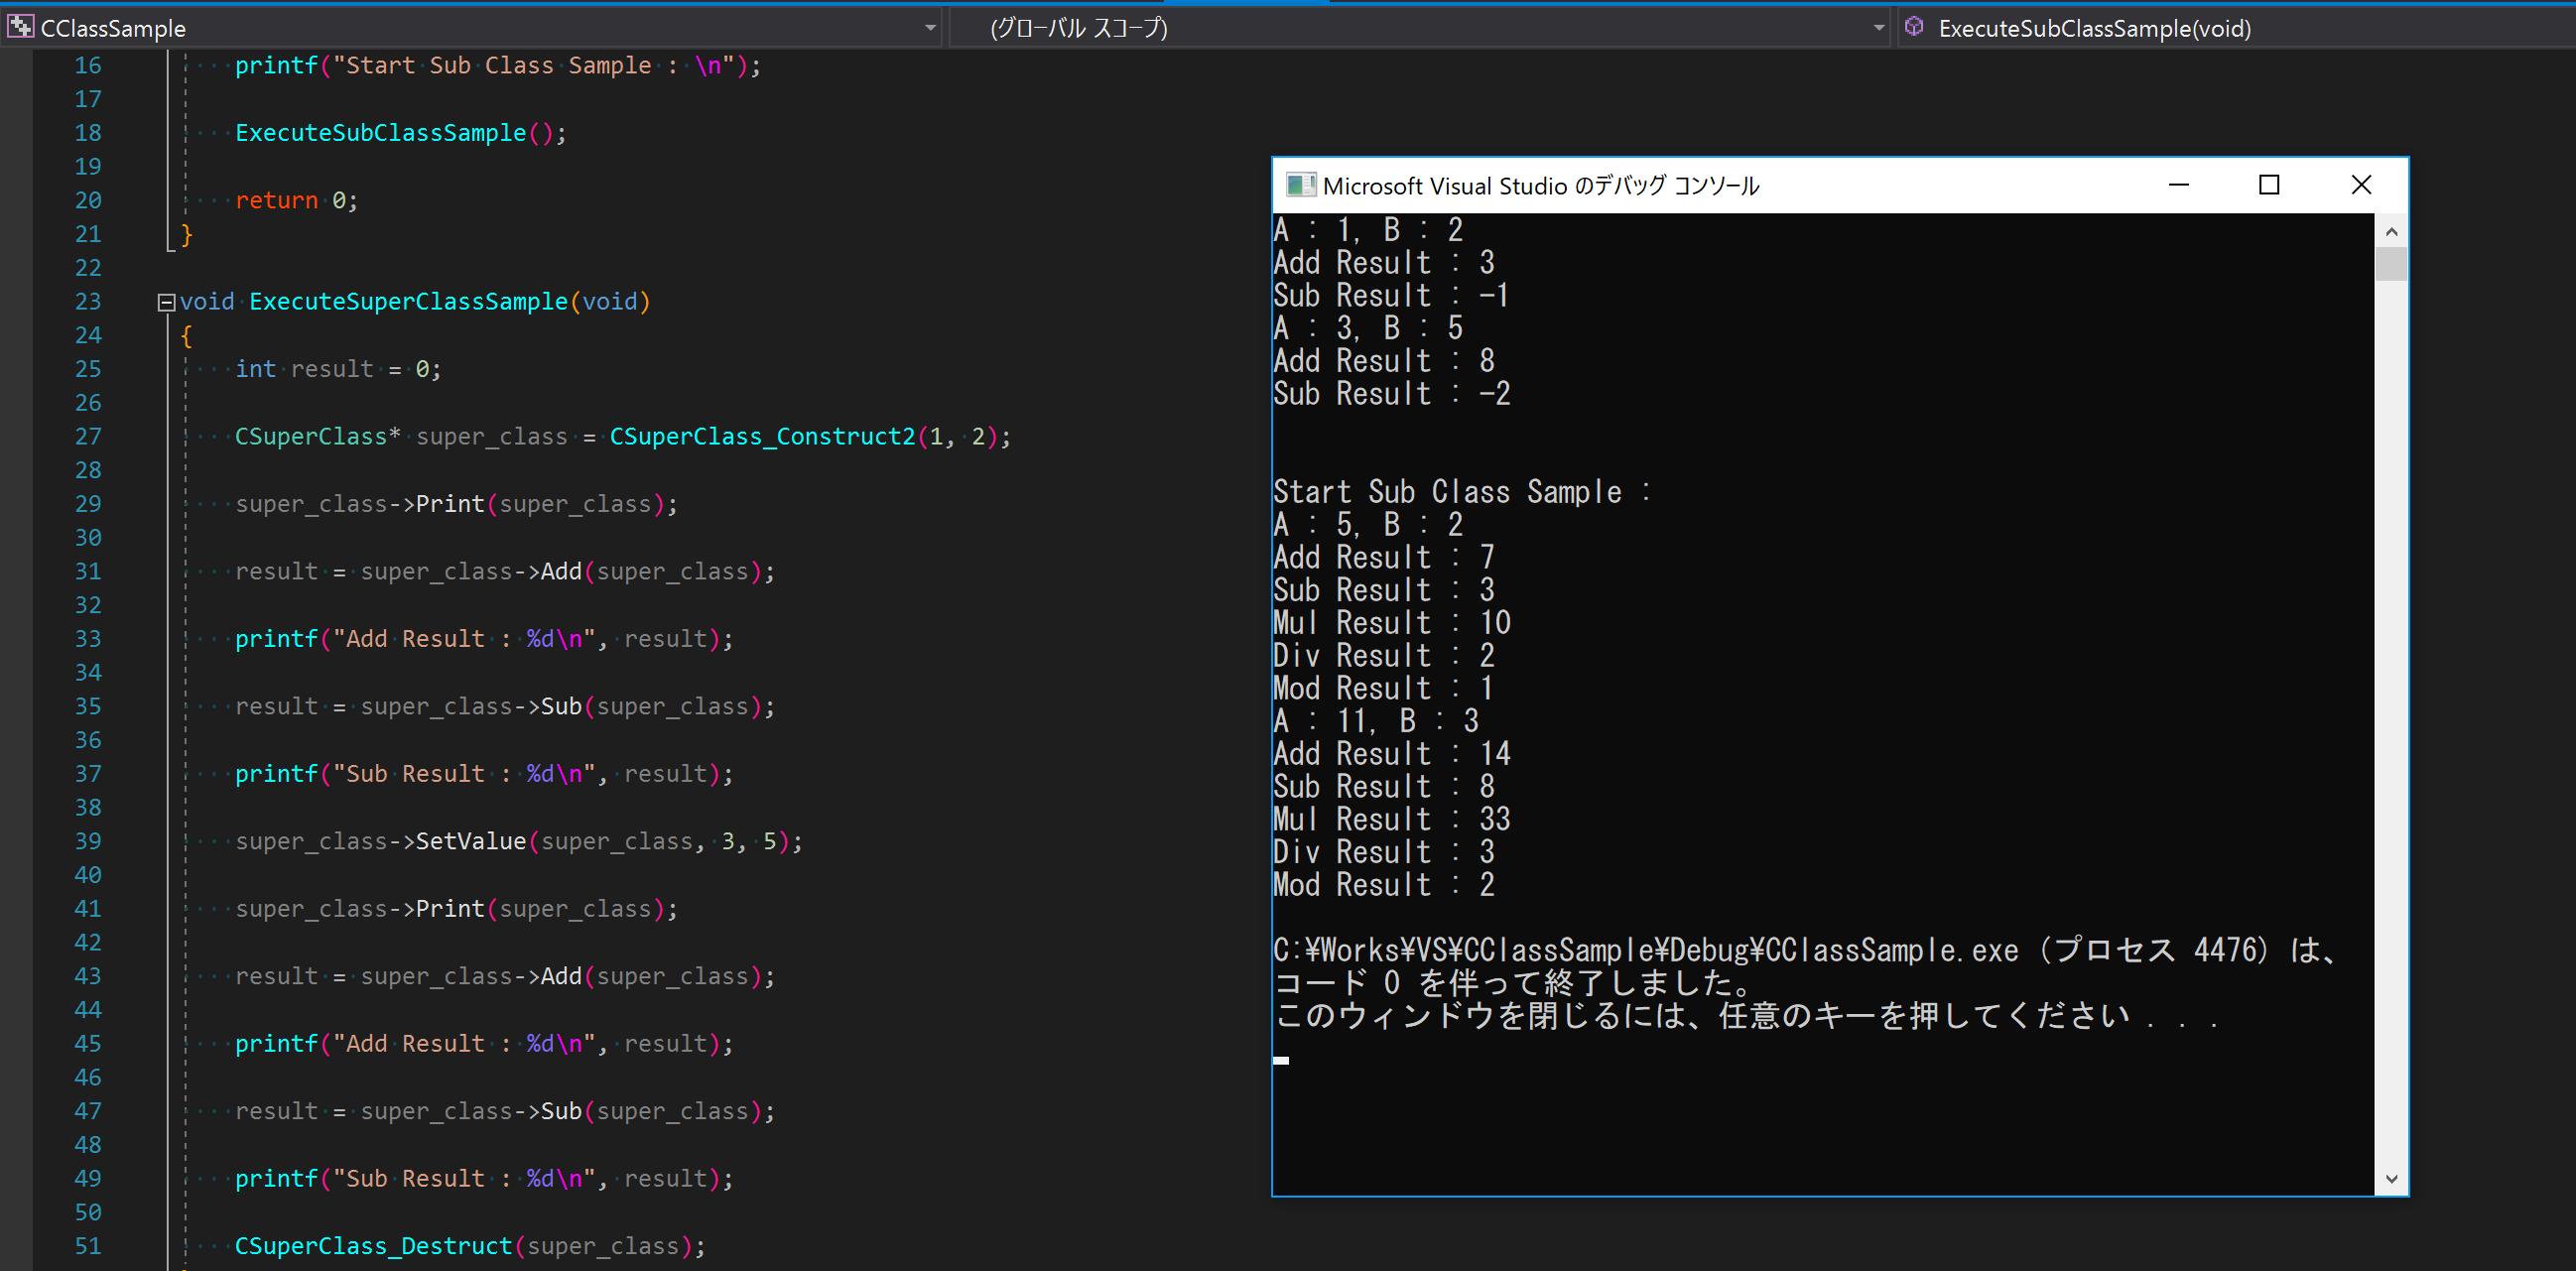 C言語 オブジェクト指向サンプル